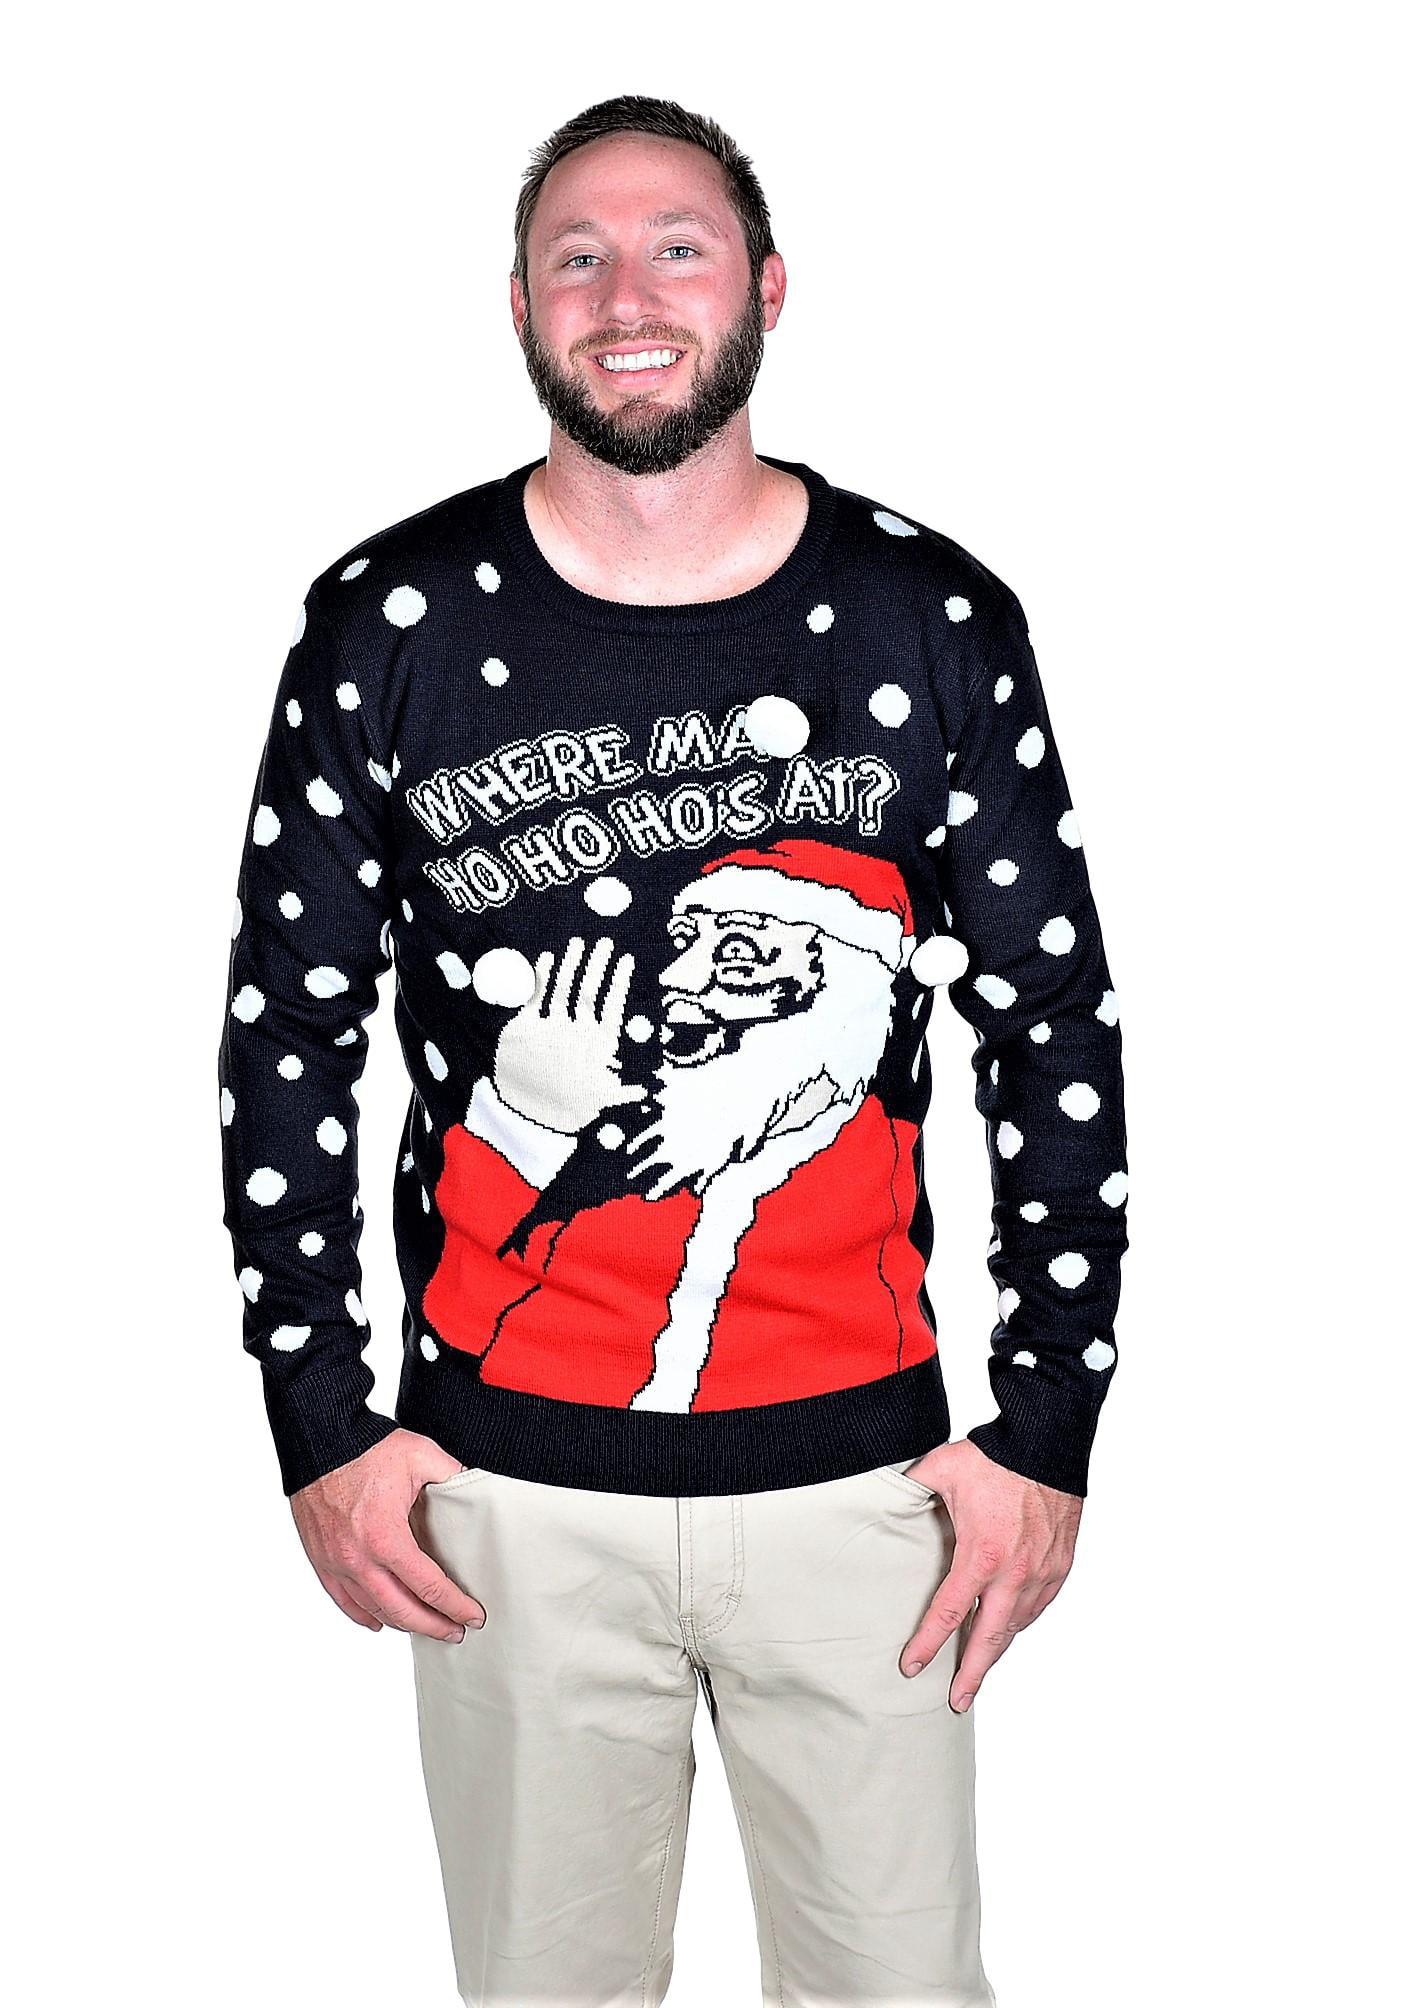 Unisex Where Ma Ho Ho Hos Ugly Christmas Sweater Navy